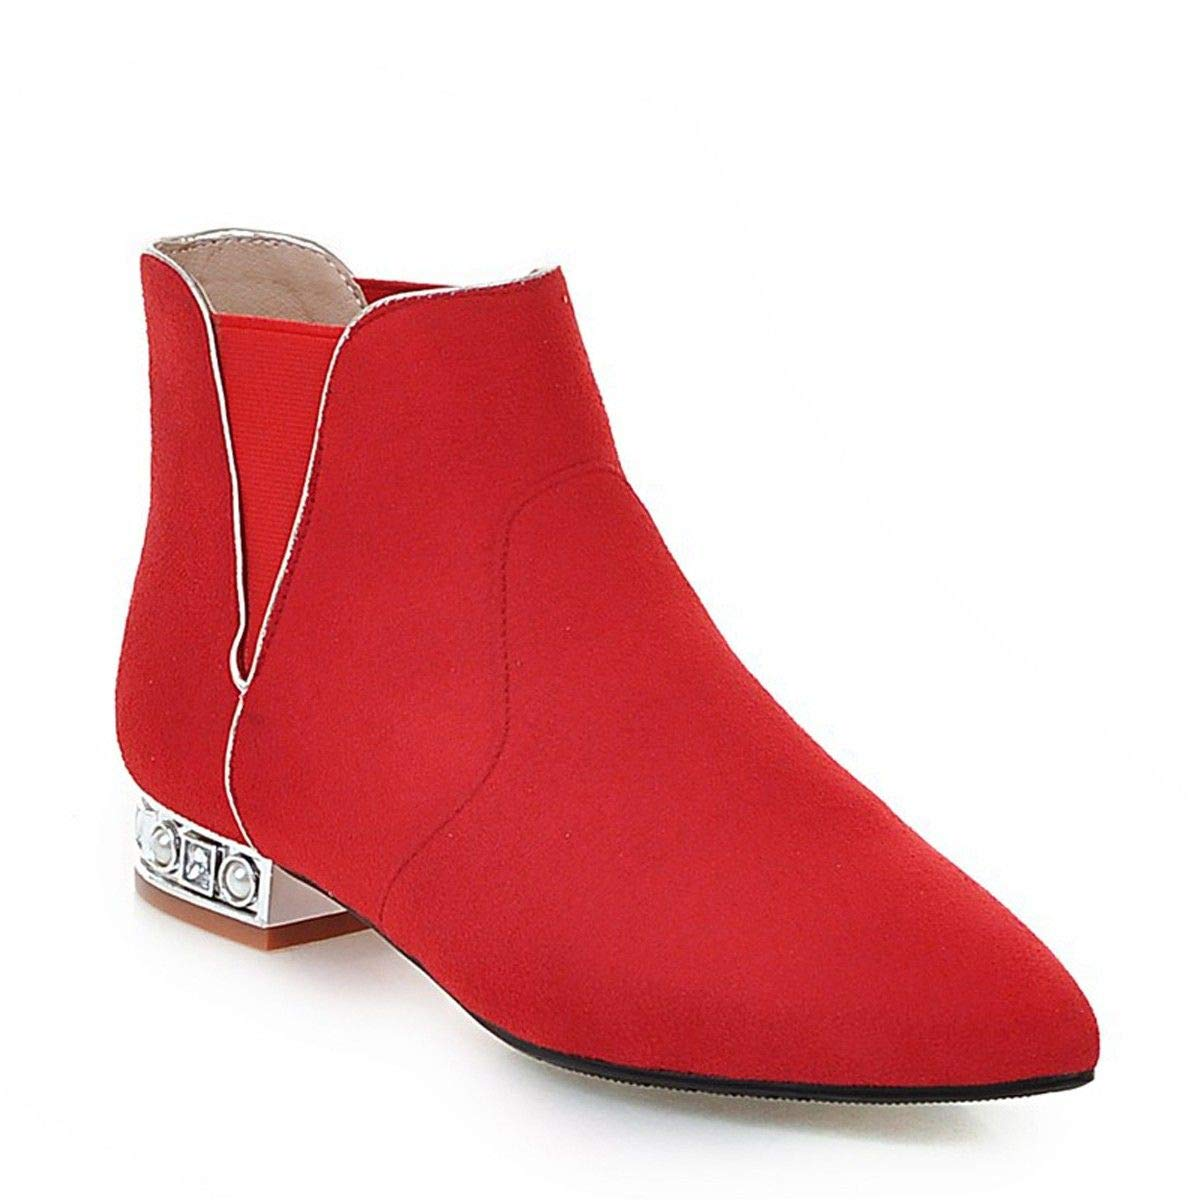 HBDLH Damenschuhe Rote Wedding Schuhe Winter Kurze Stiefel Niedrige Absätze Die Braut Rote Schuhe Flache Sohlen Schwangere Heiratet Stiefel Nackt - Stiefel 36 des